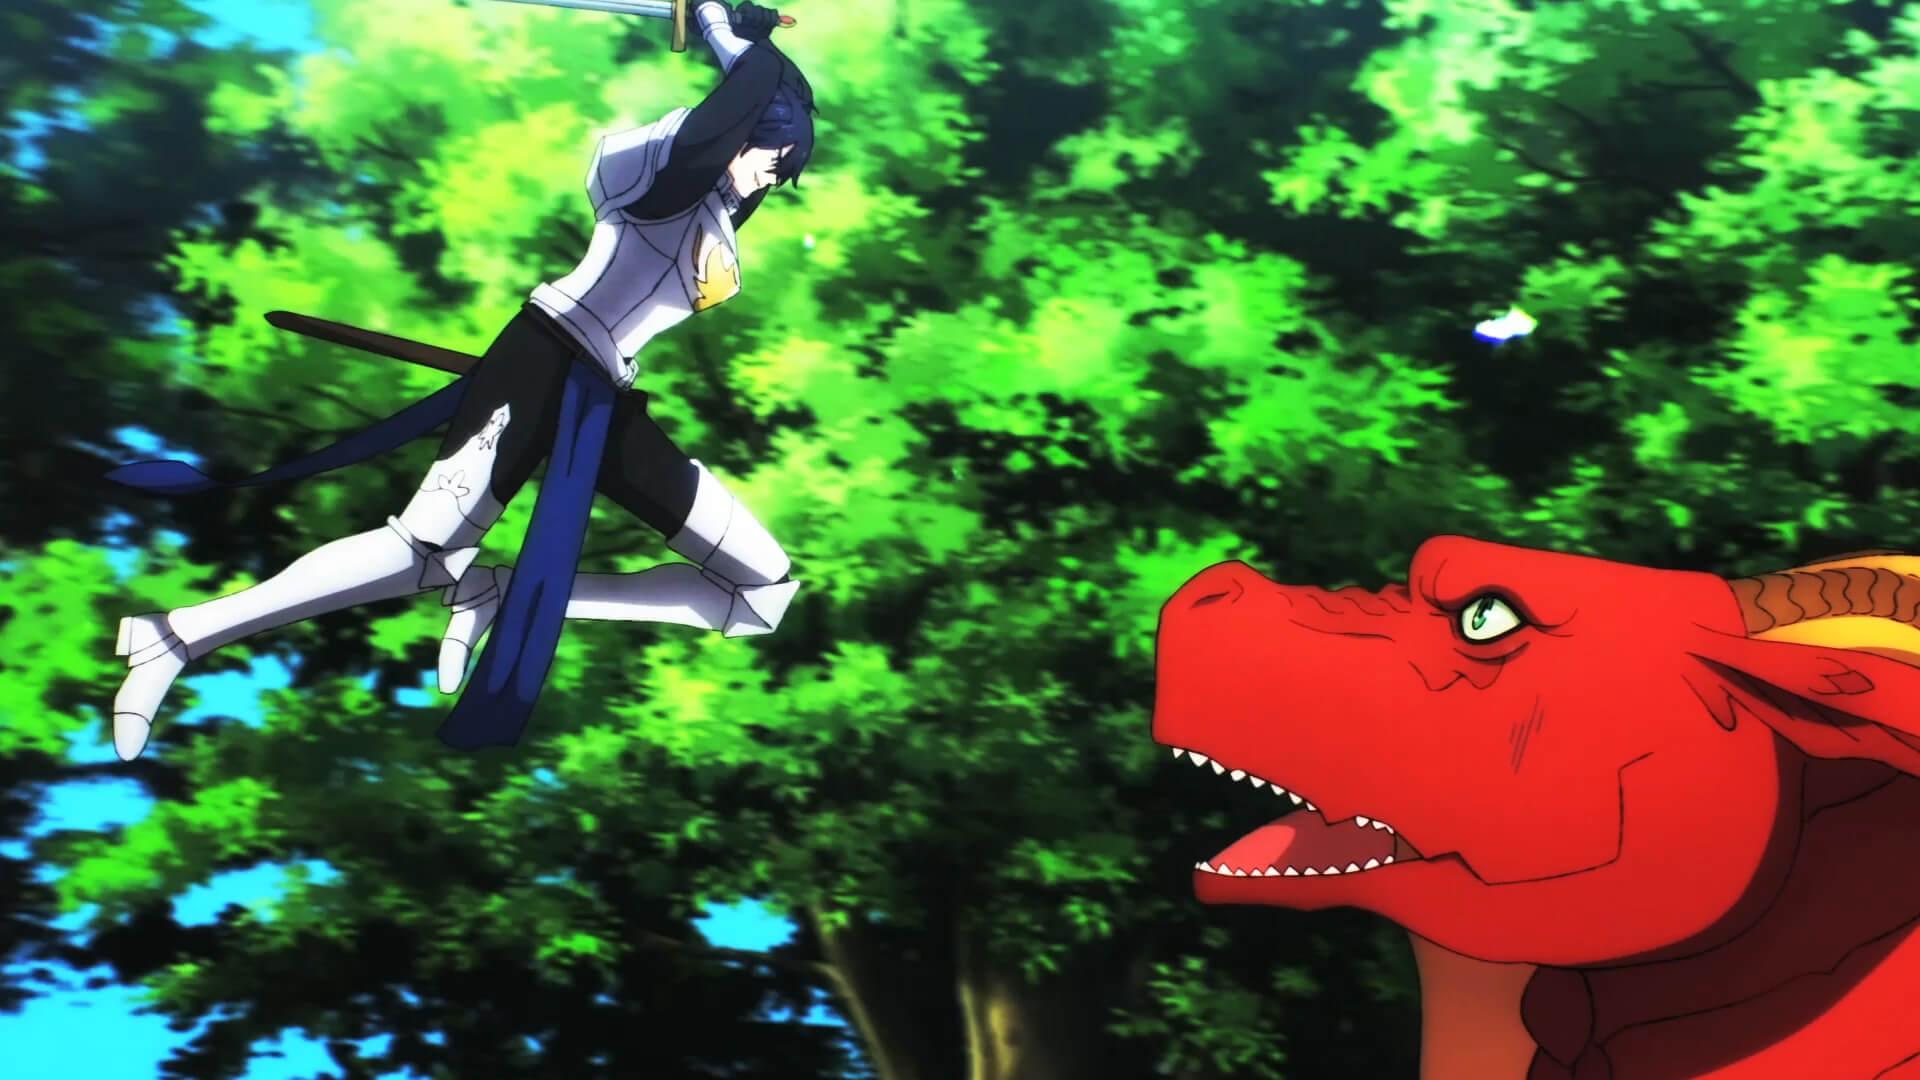 『終末のワルキューレ』『花より男子』『不滅のあなたへ』と話題作続々配信!6月のNetflixアニメラインナップが解禁 art210521_netflix_anime_10